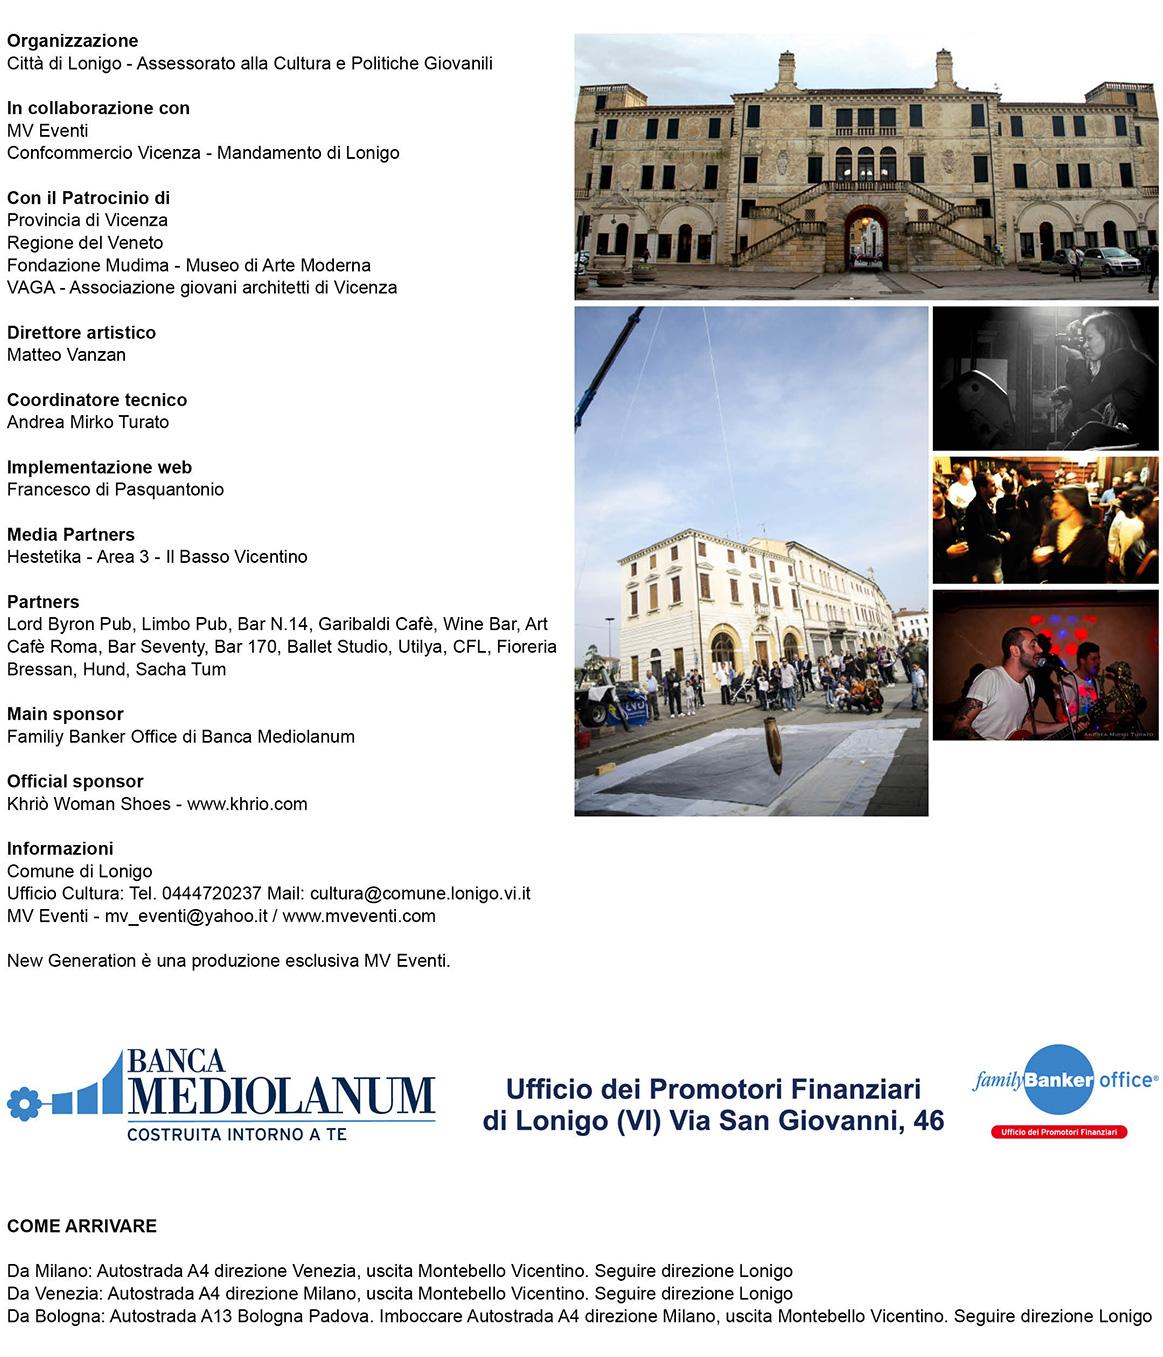 Informazioni-new-generation-festival